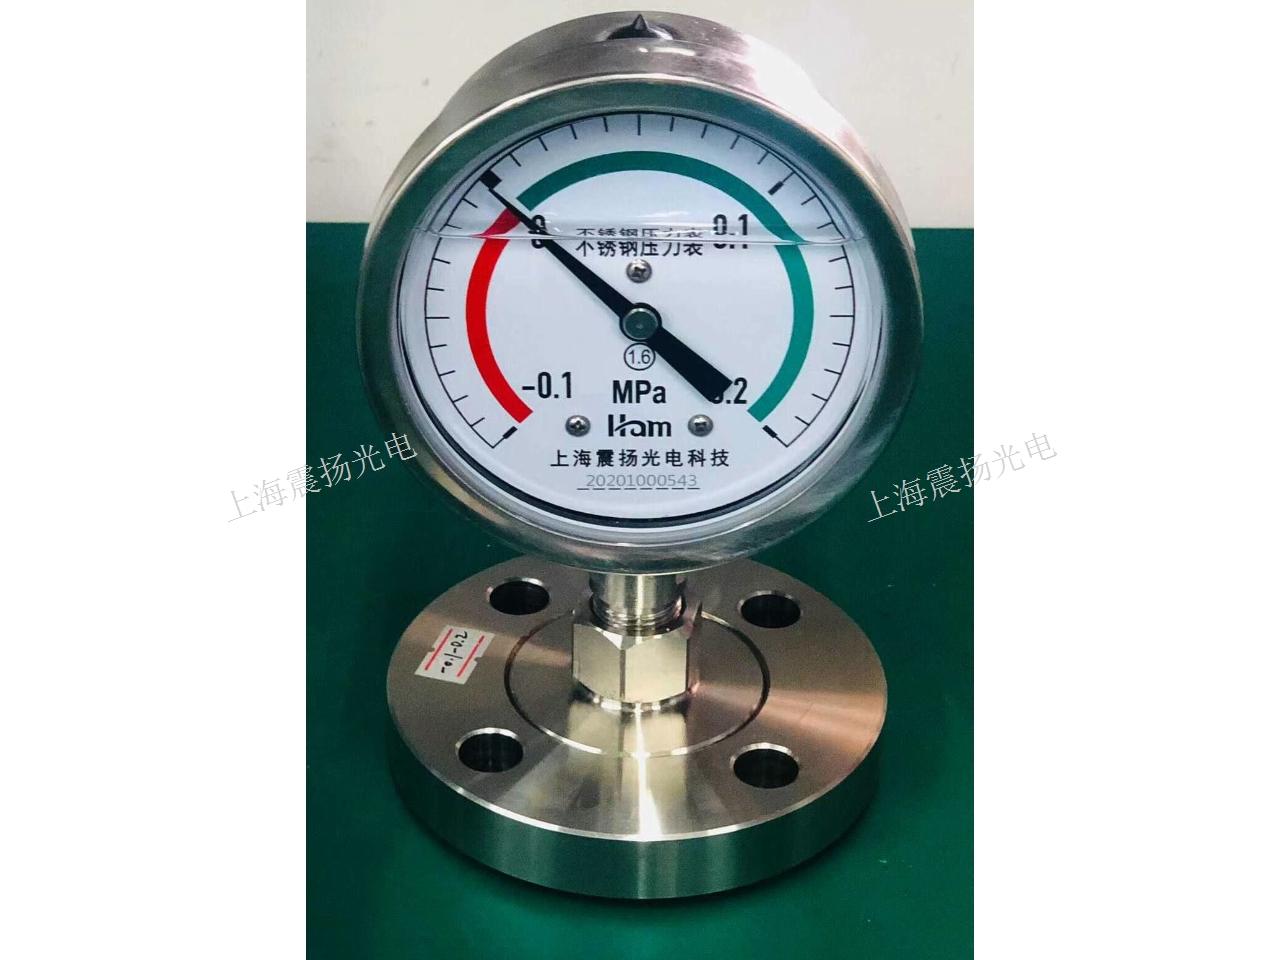 北京MG隔膜压力表链接 诚信为本 汉木仪表科技供应